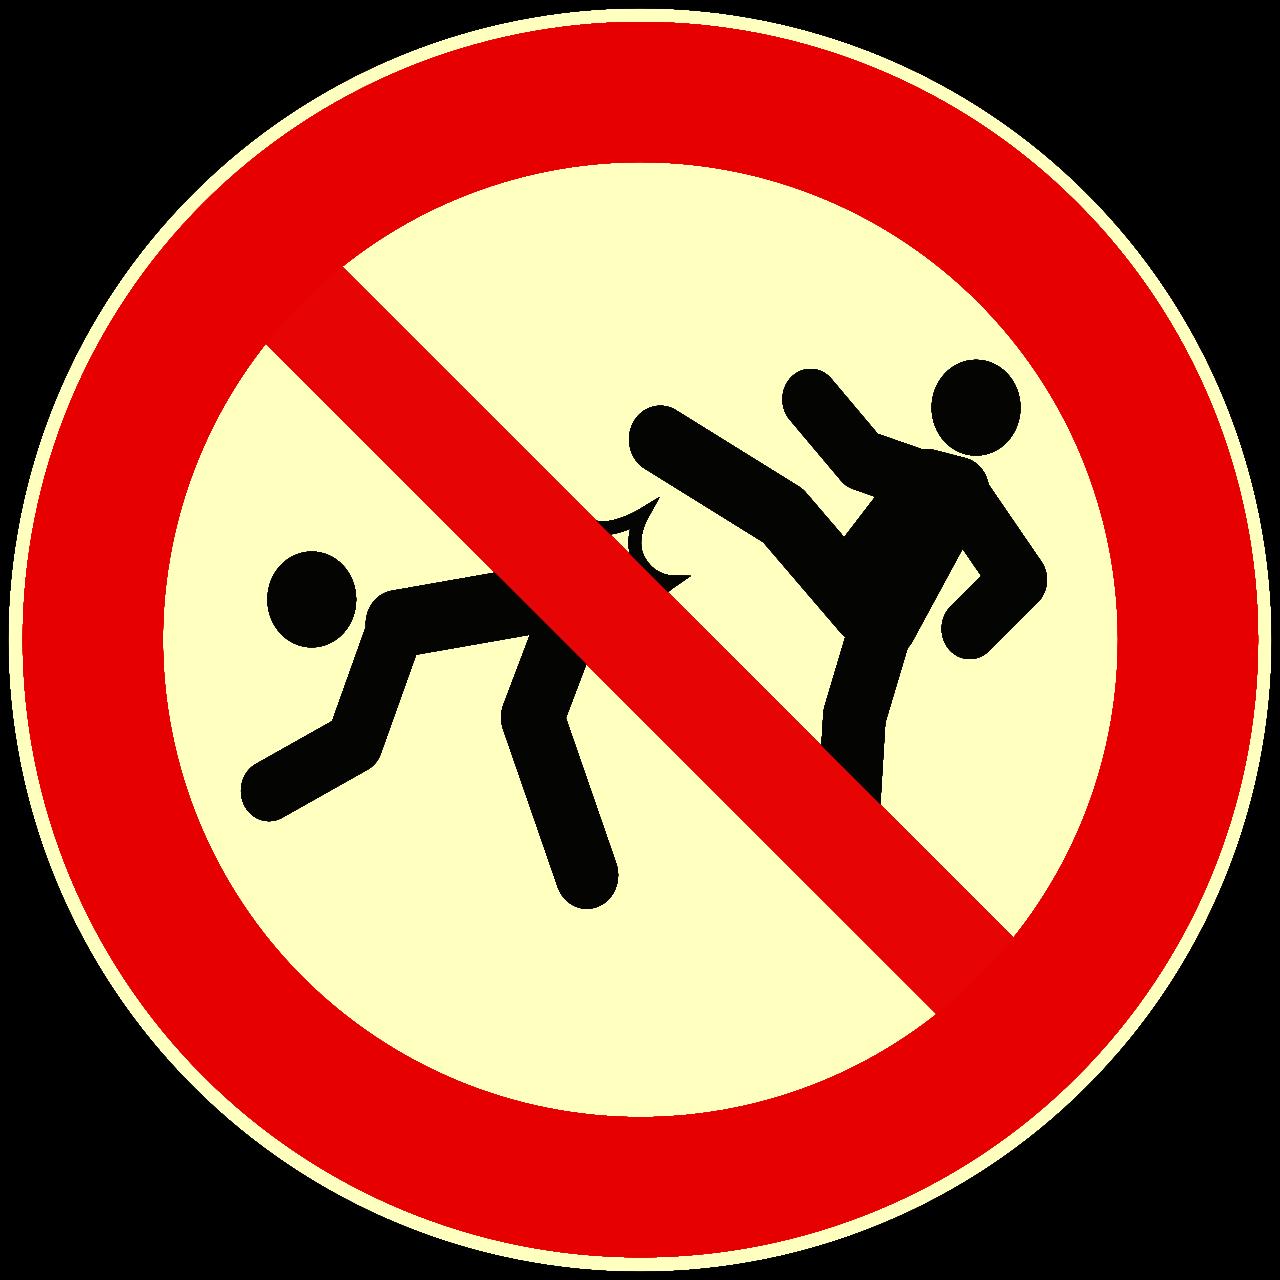 Arschtreten verboten